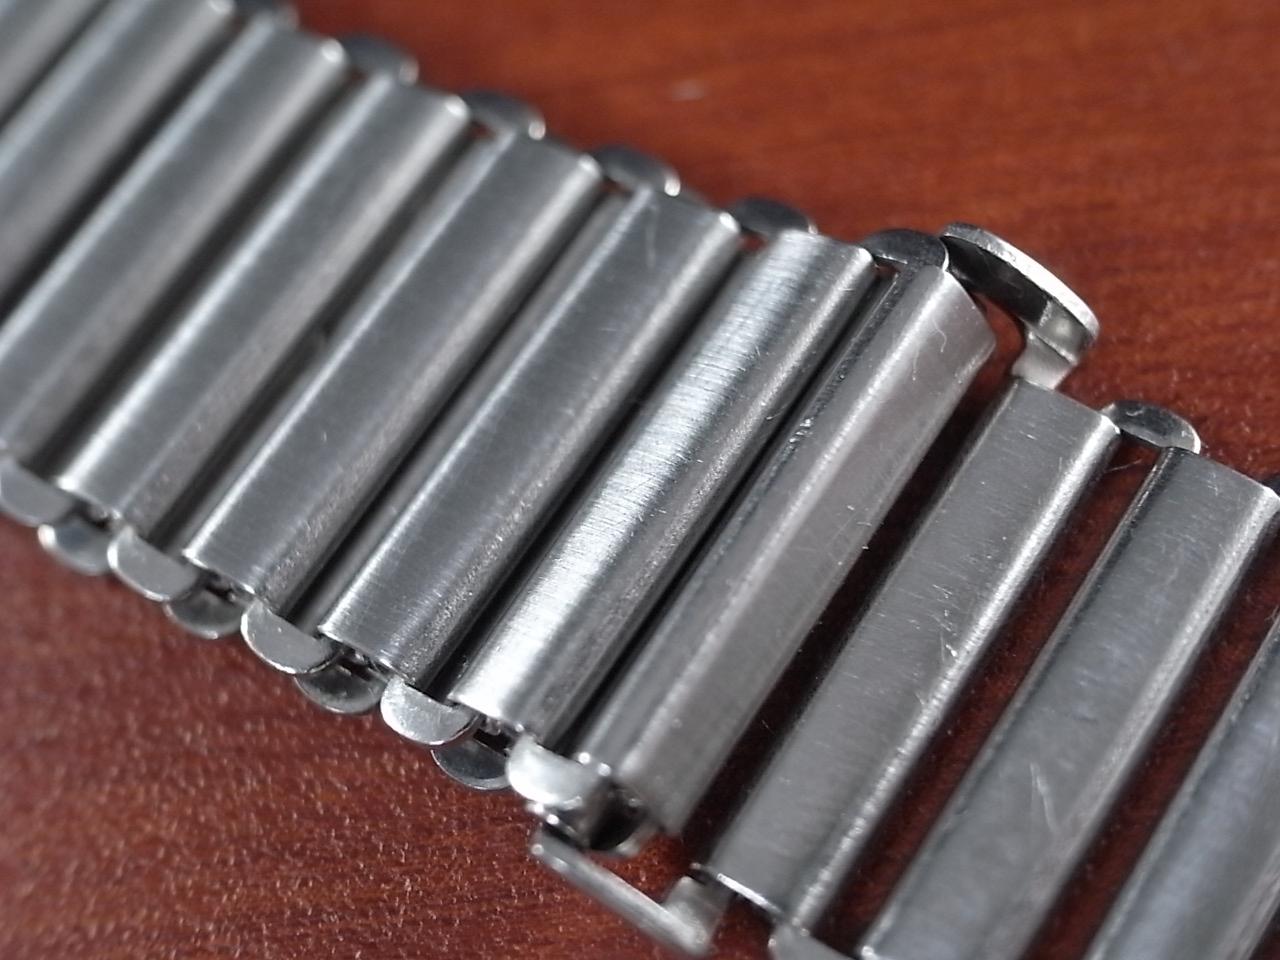 ボンクリップ バンブーブレス SS 筆記体体ロゴ 16㎜タイプ 16㎜ BONKLIPの写真5枚目